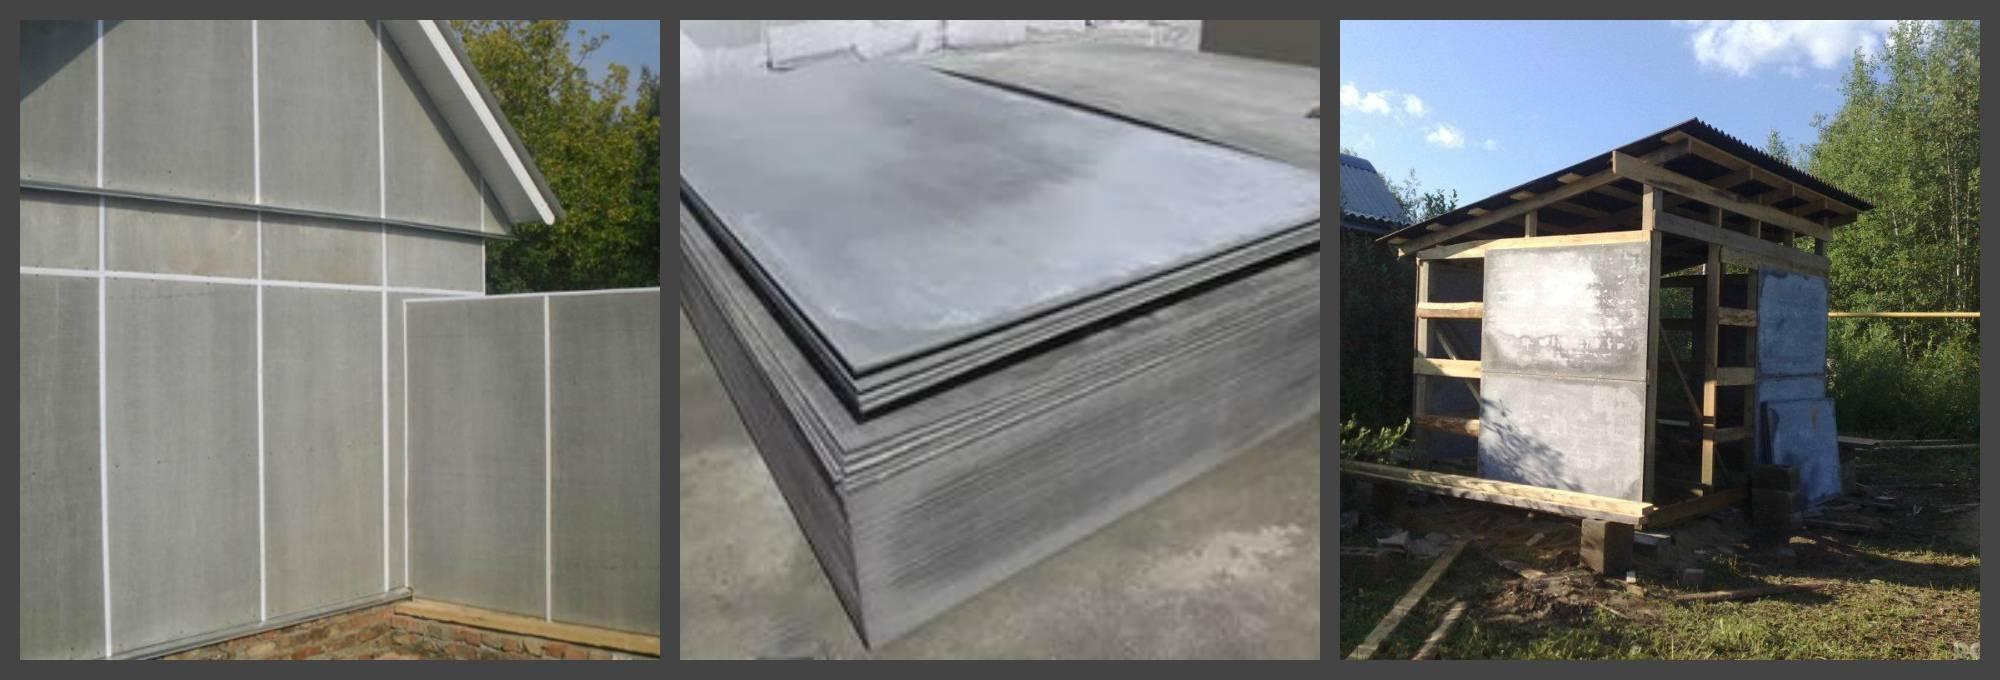 Плоский шифер (41 фото): размеры листового изделия, чем резать и пилить материал, применение шиферного листа